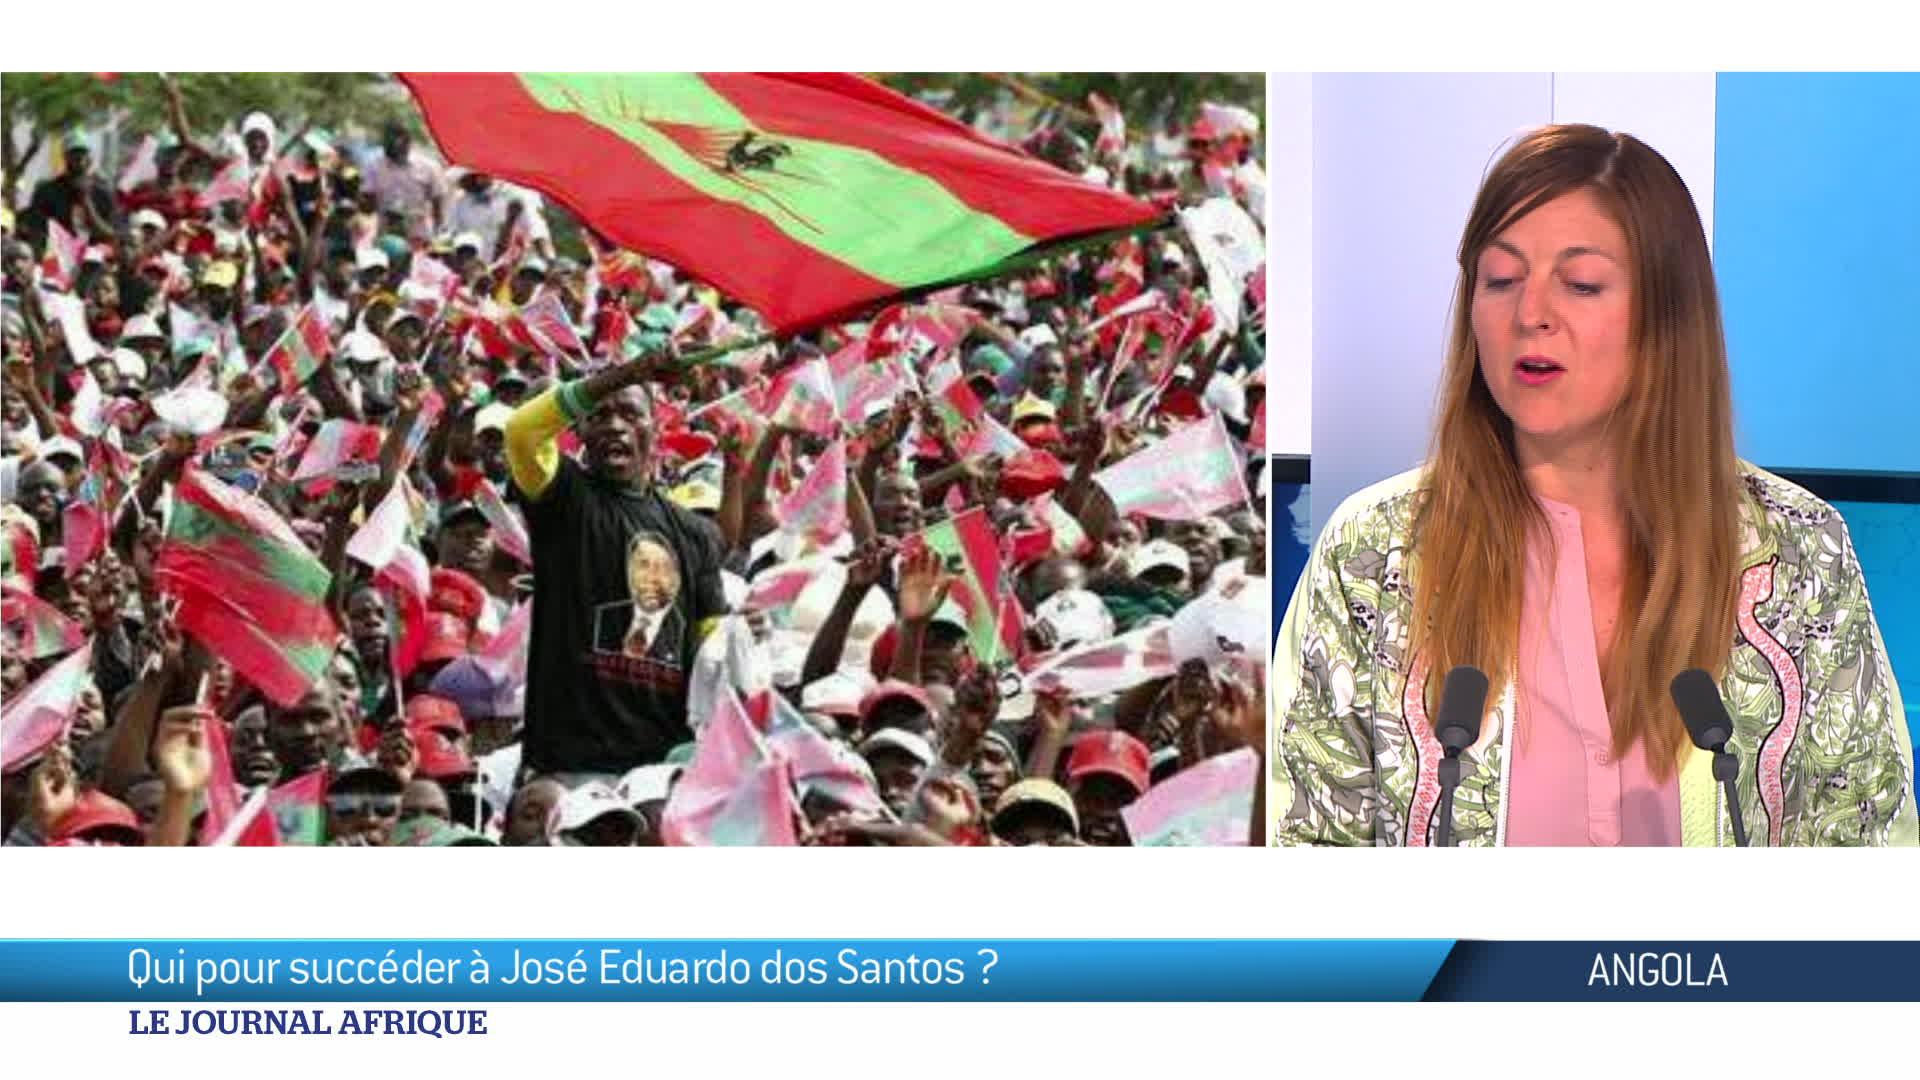 Angola : succession de dos Santos